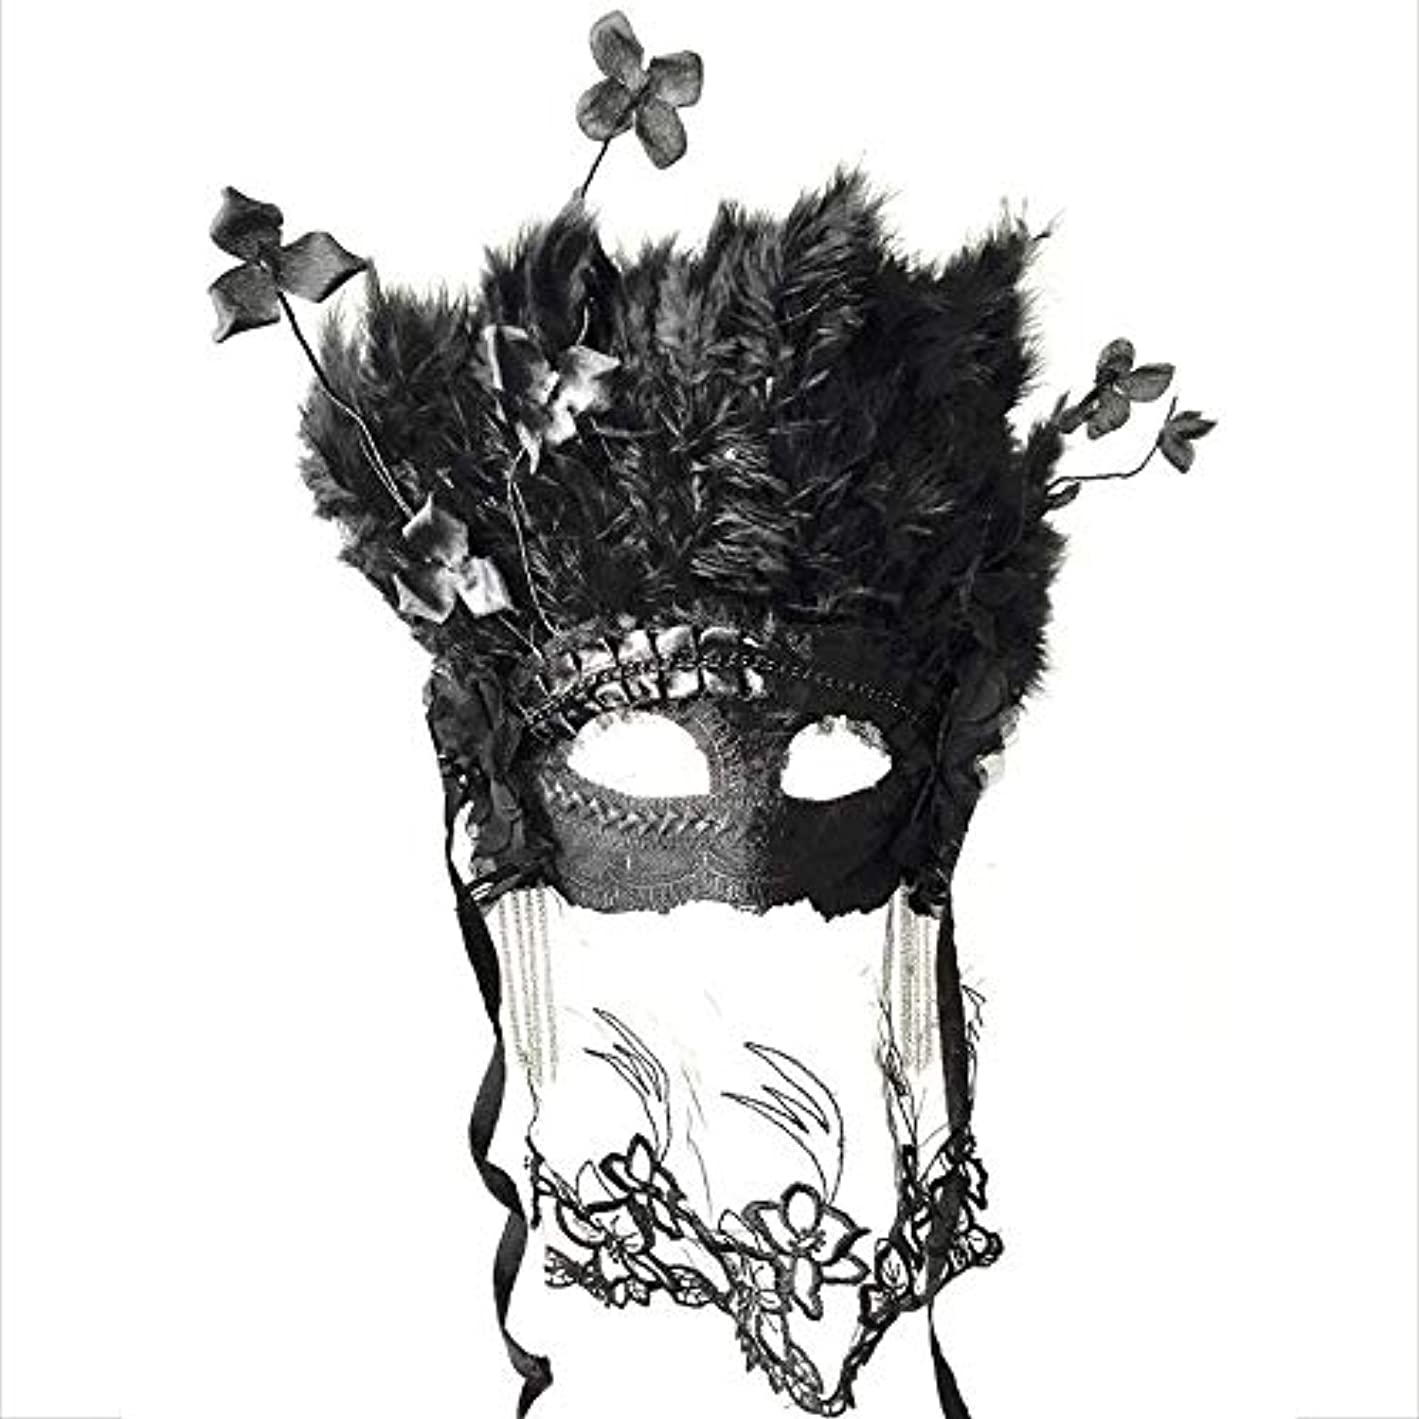 ひどい詐欺師削減Nanle ハロウィンクリスマスベールドライフラワーフェザータッセルマスク仮装マスクレディミスプリンセス美容祭パーティーデコレーションマスク